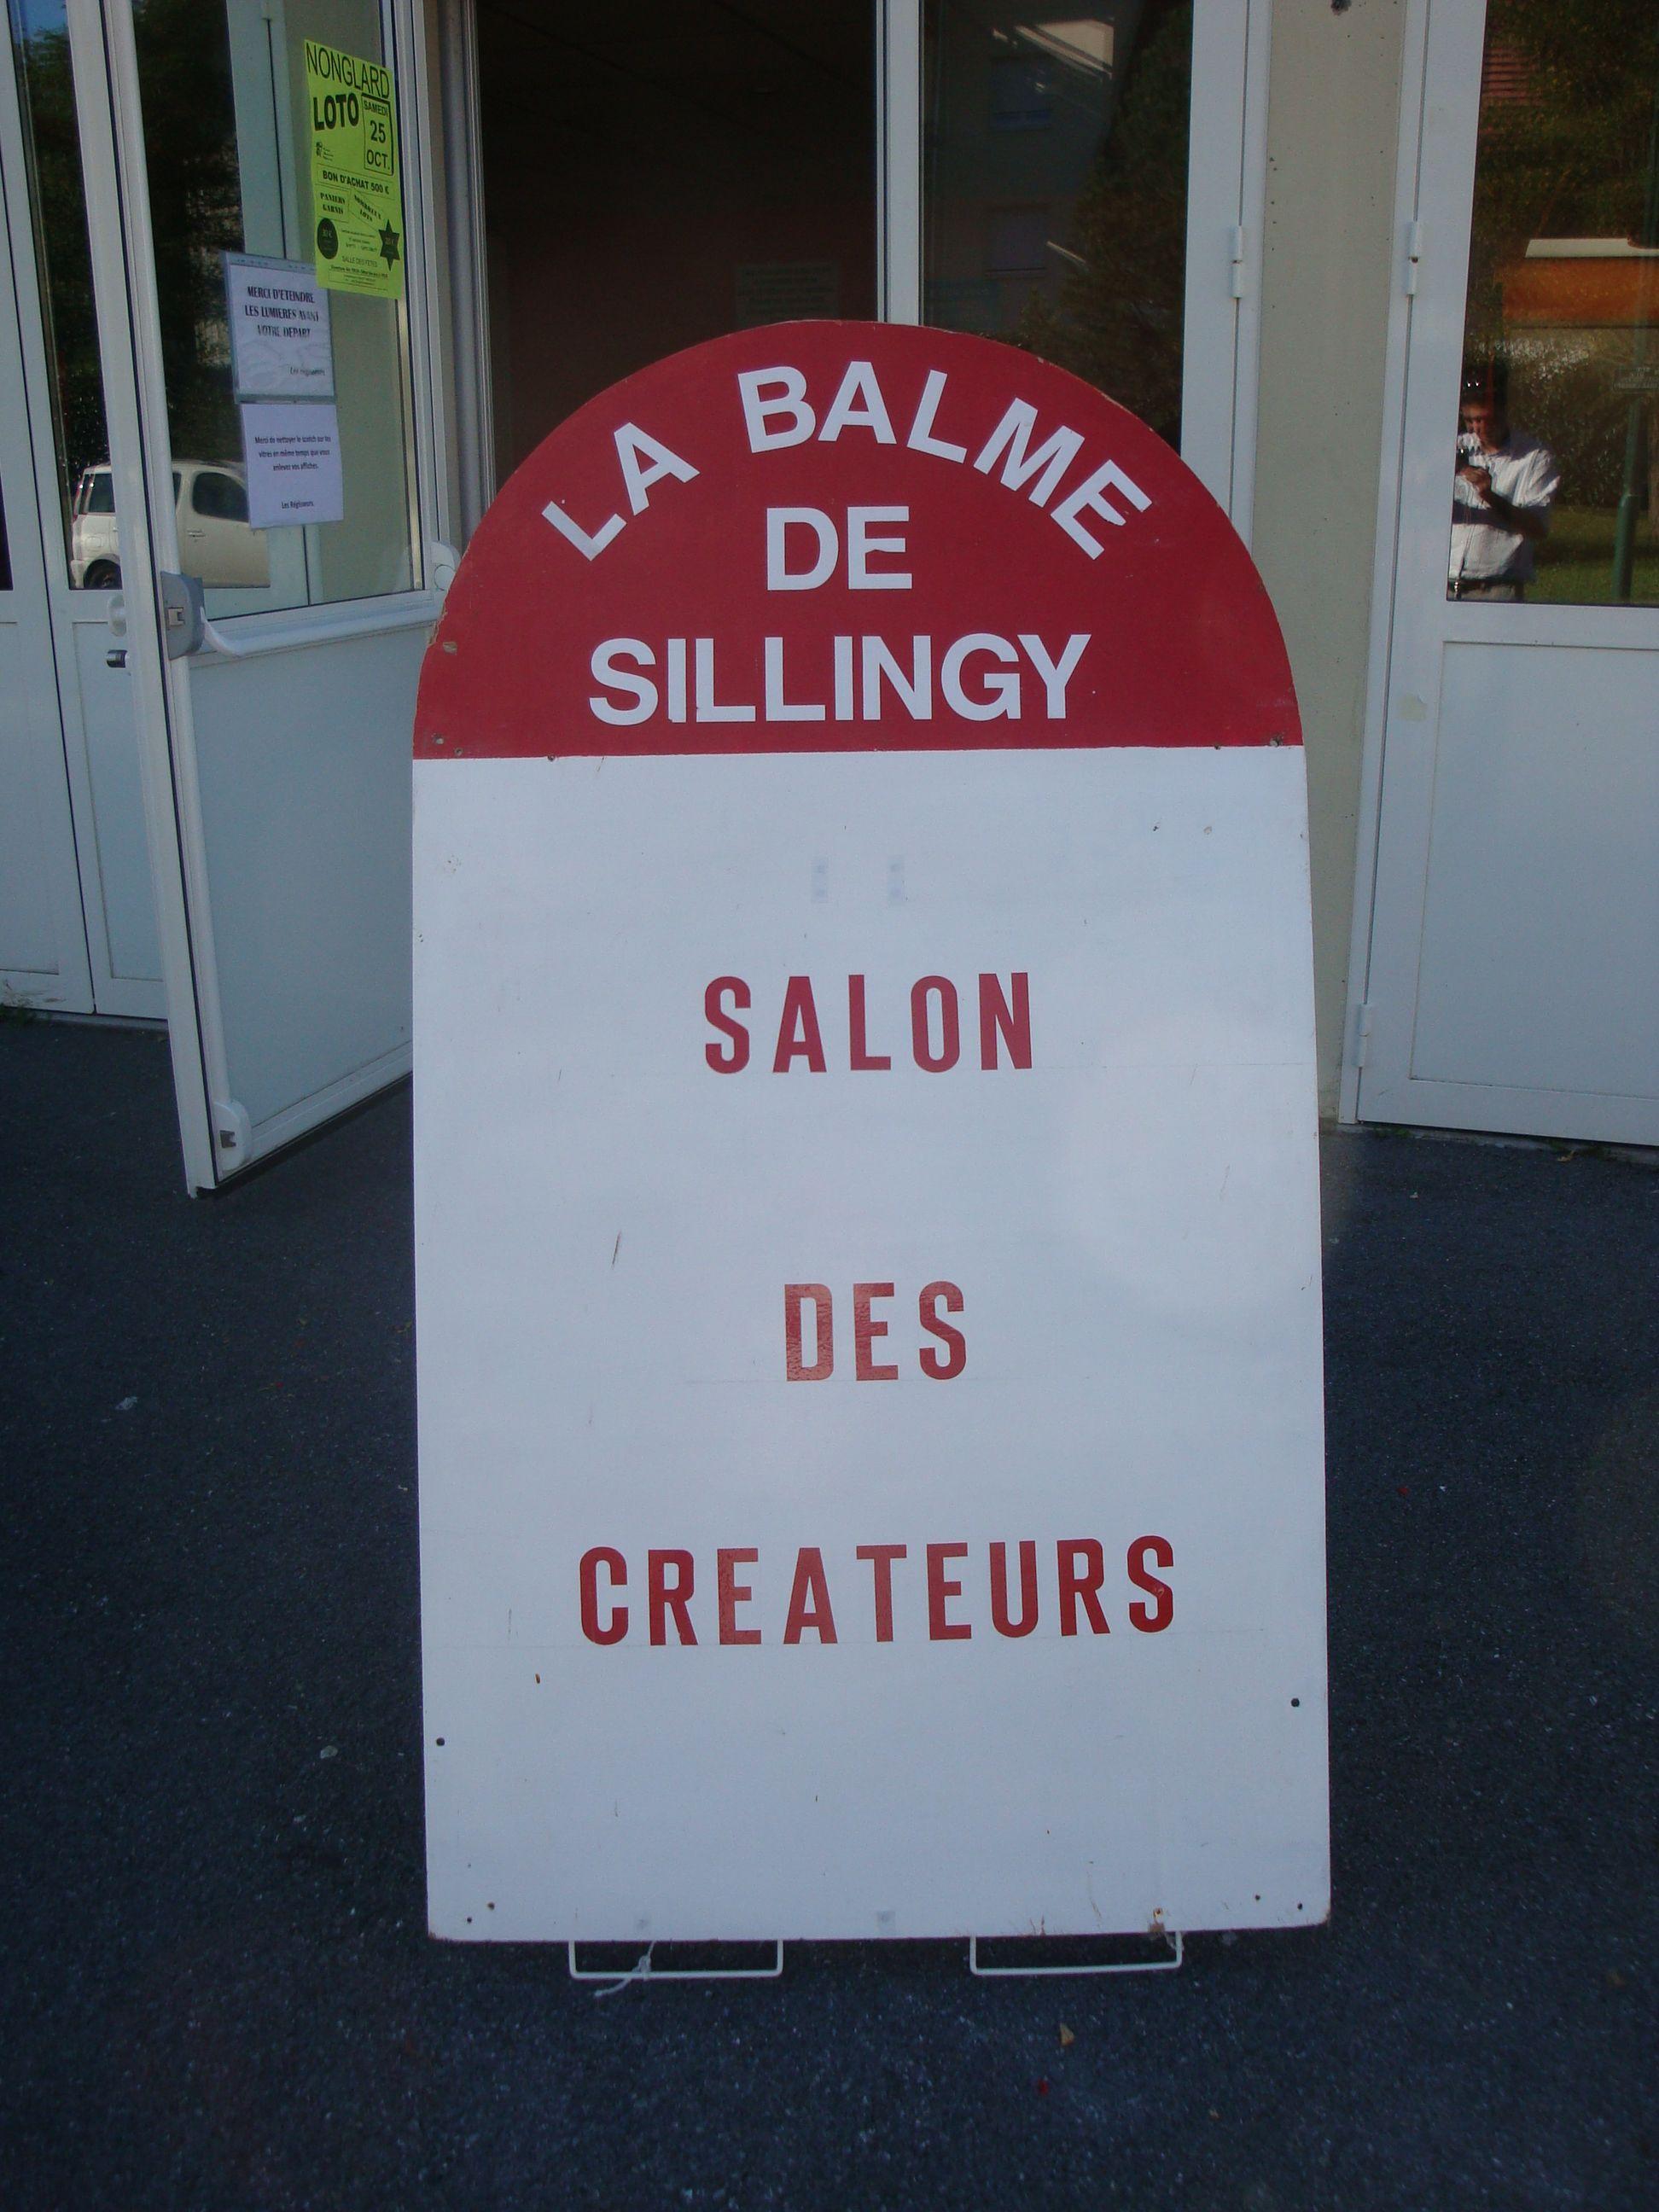 Salon des créateurs et de l'artisanat les 18 et 19 octobre 2014 à La-Balme-de-Sillingy.